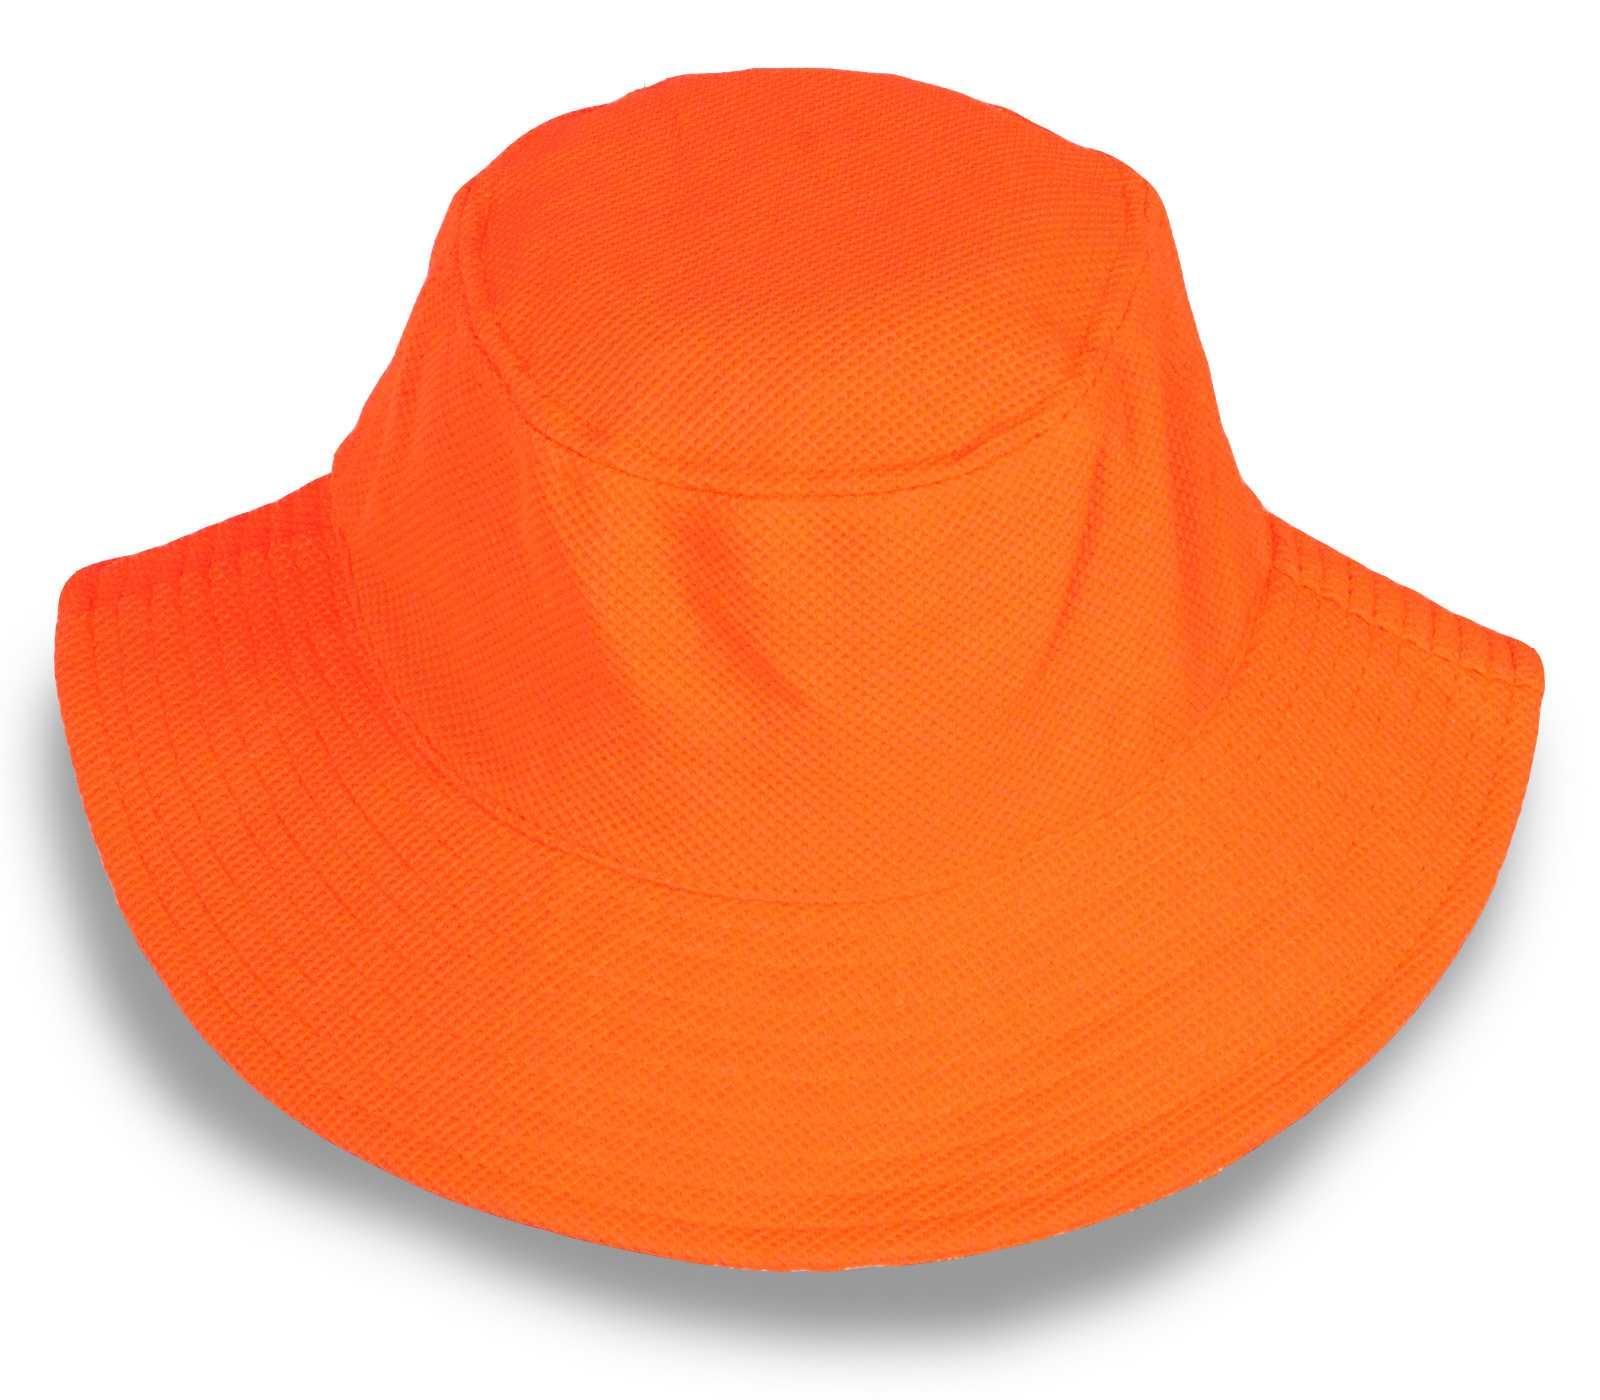 Шляпа для солнечного летнего дня